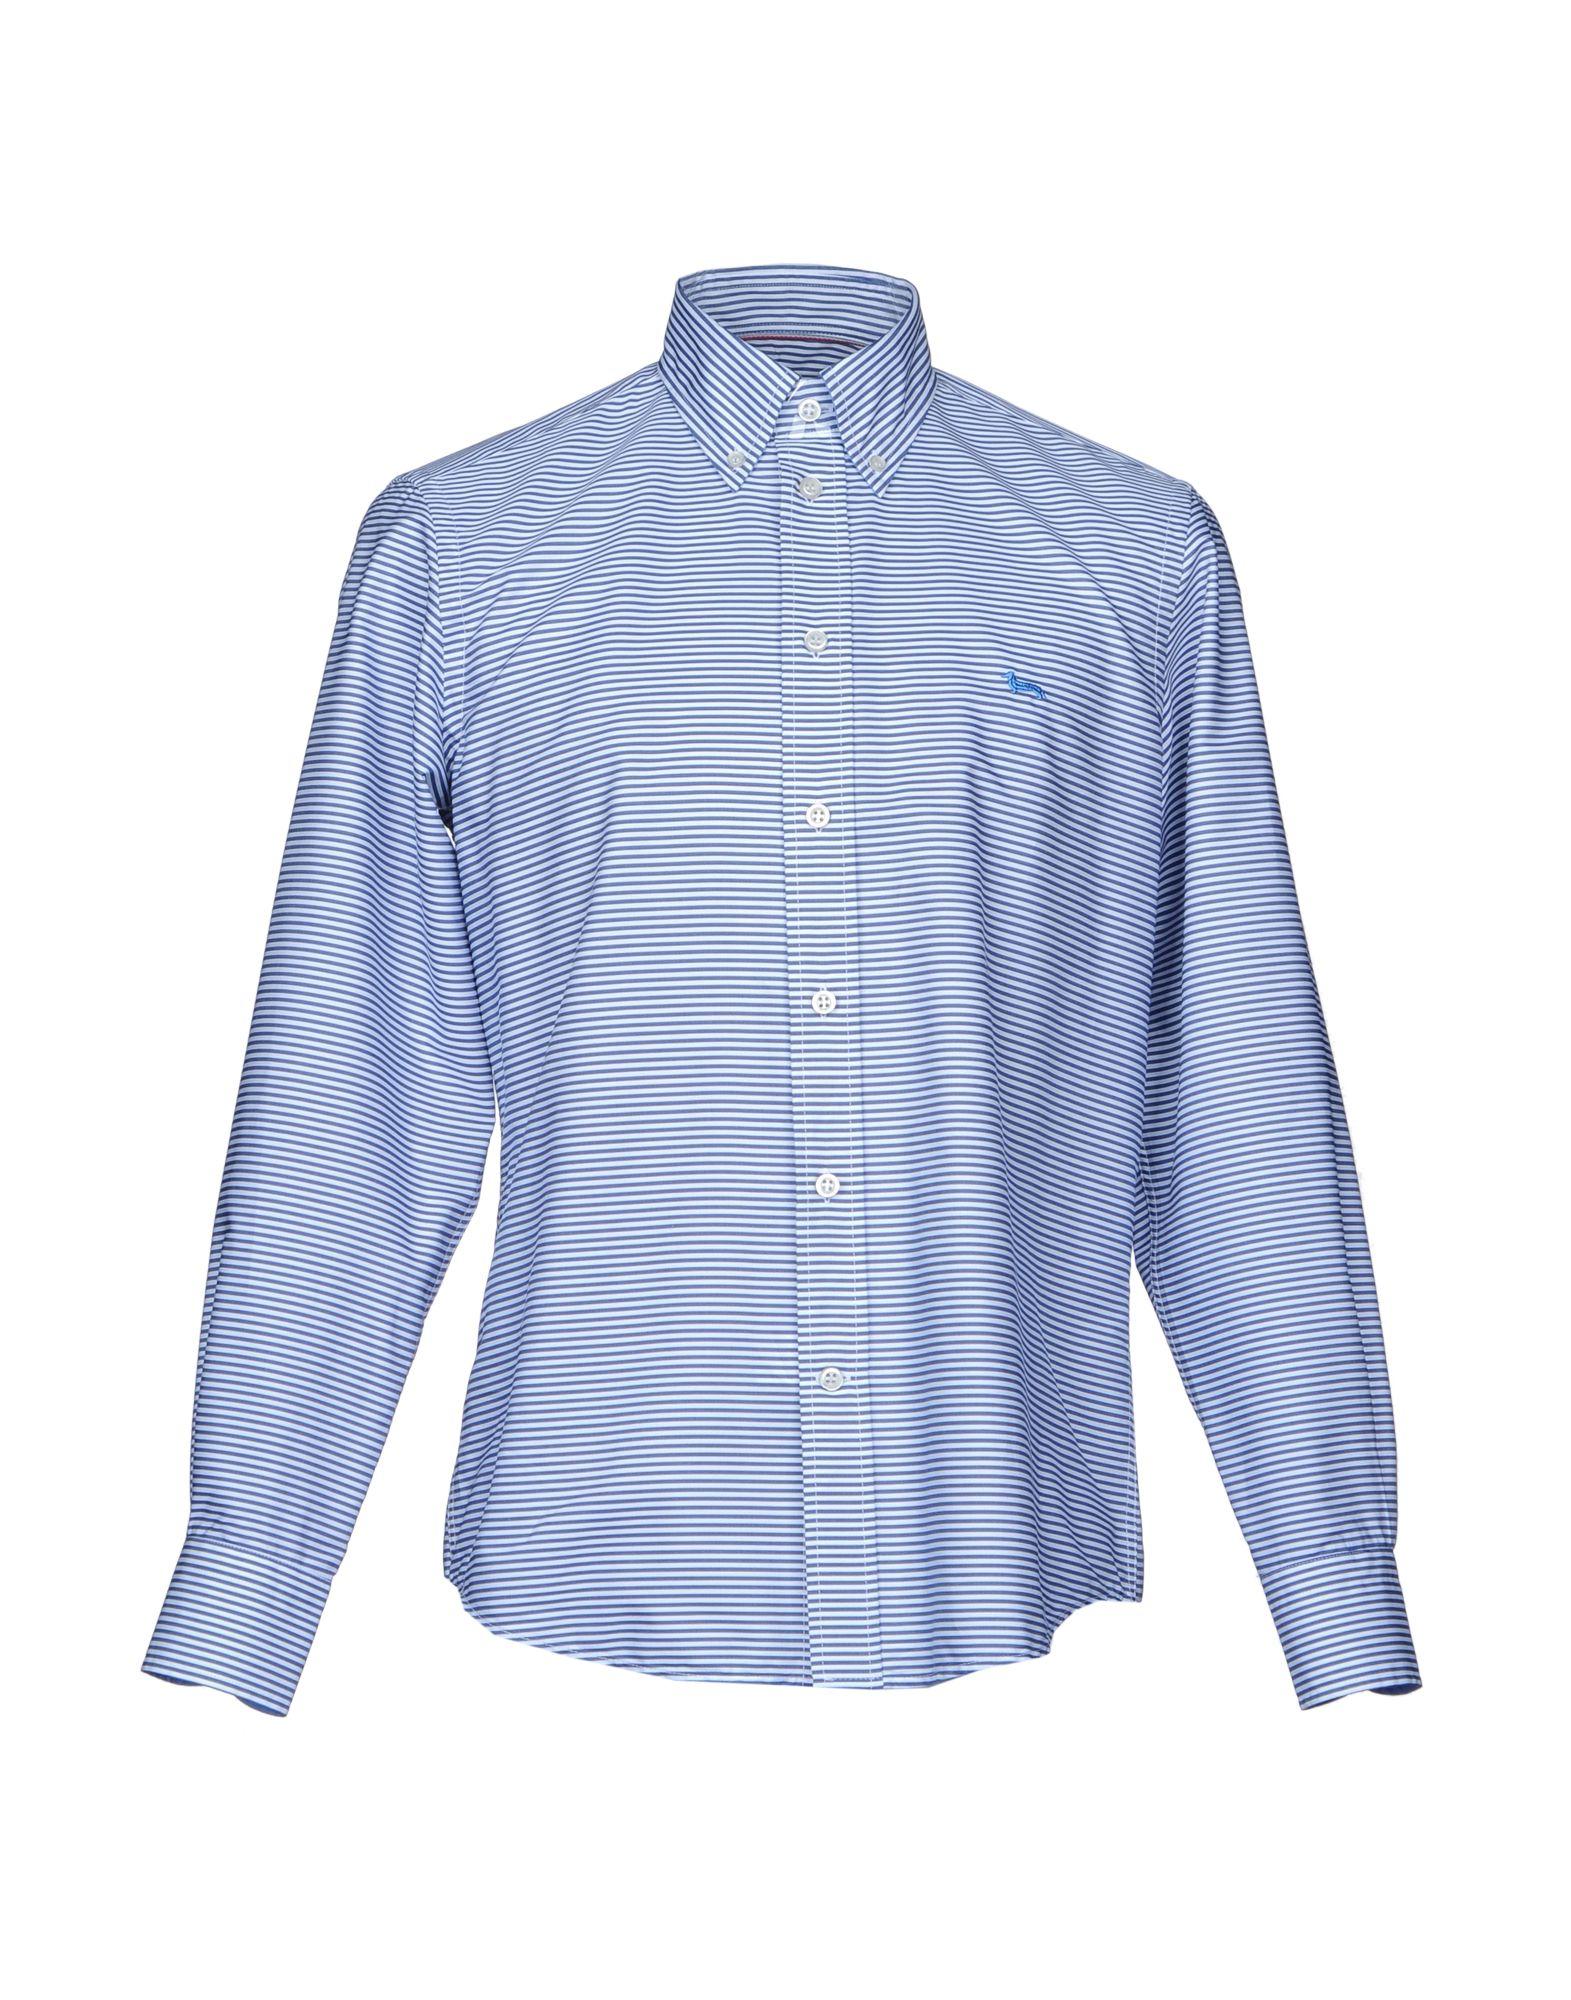 Camicia A A Camicia Righe Harmont&Blaine Uomo - 38680429UL 7bcd43